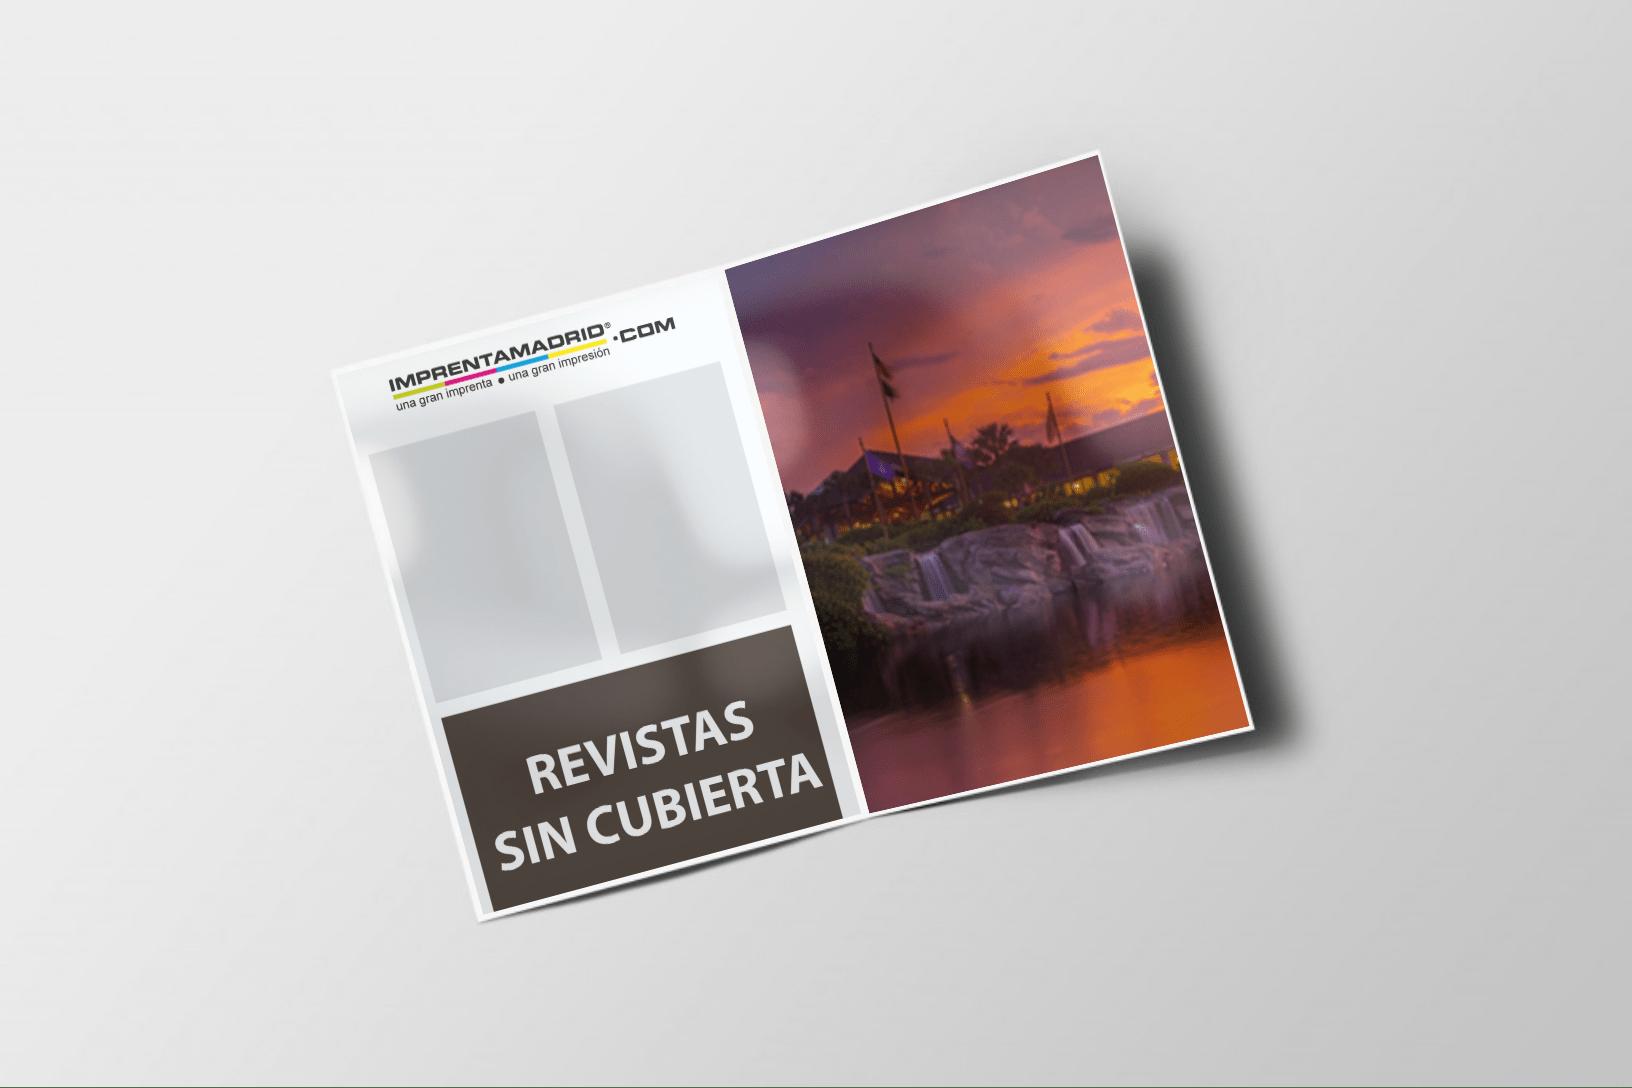 Revistas sin cubierta 210 x 280 mm